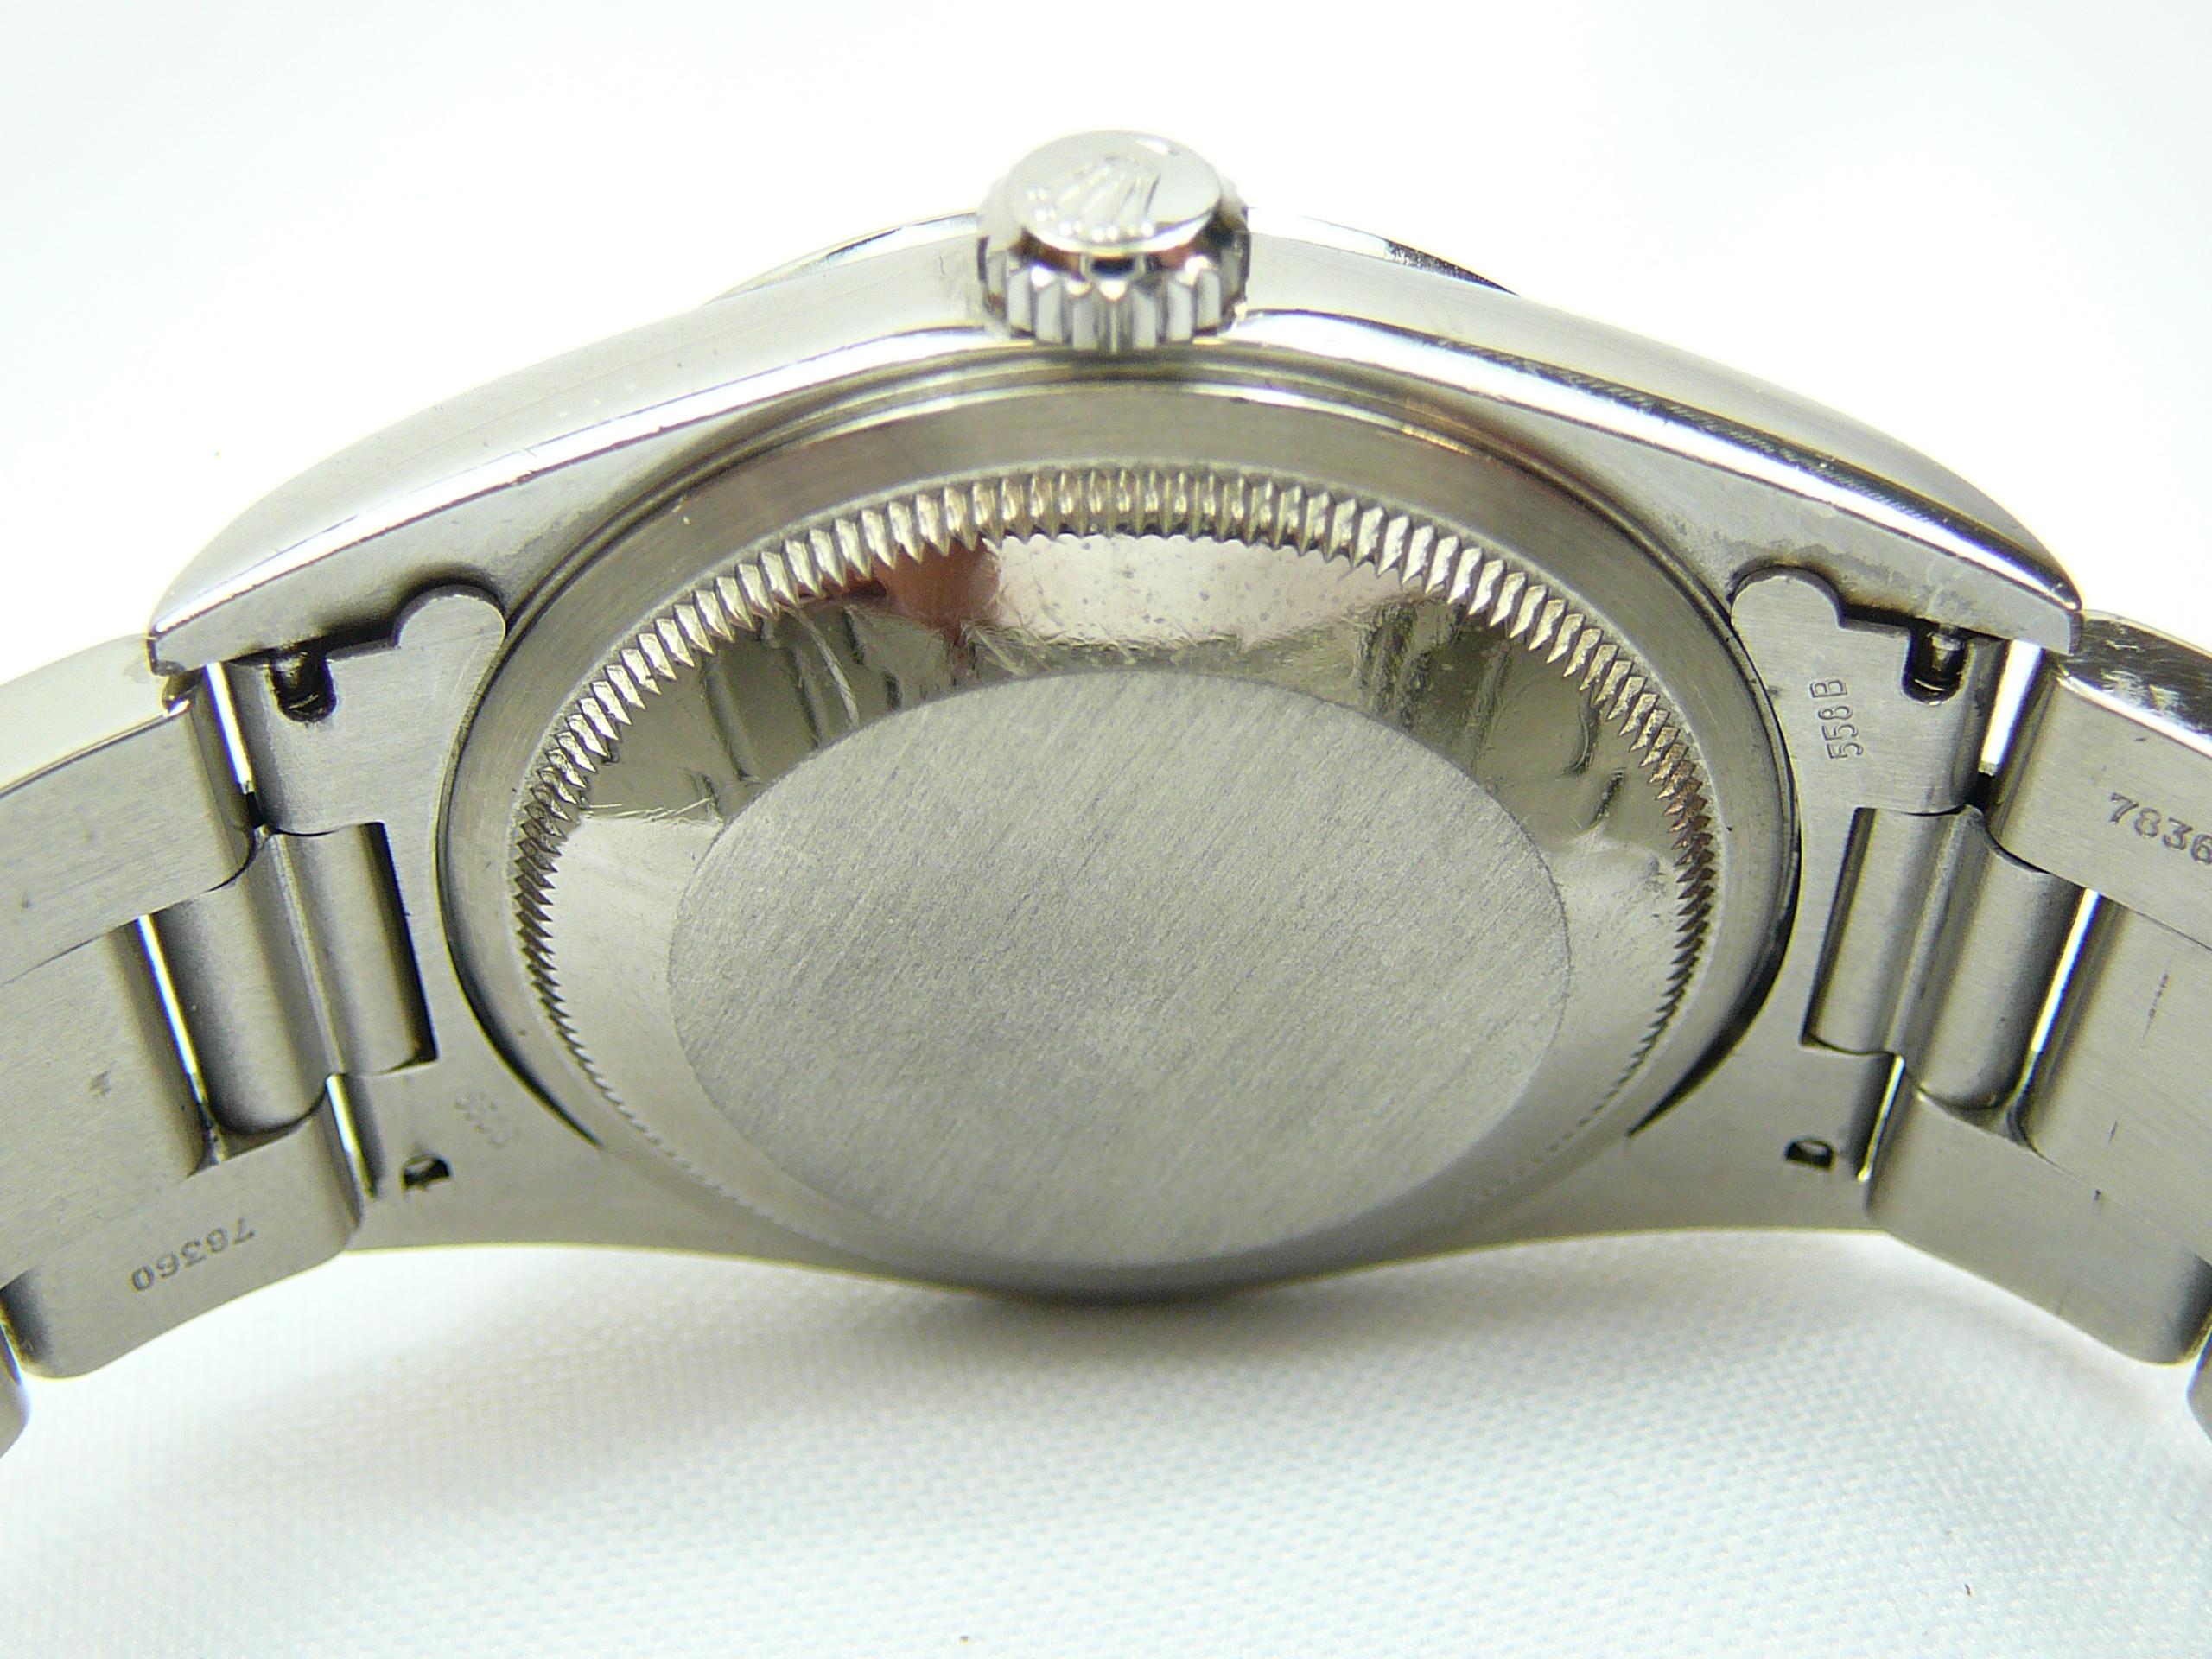 Gents Rolex Wrist Watch - Image 5 of 5